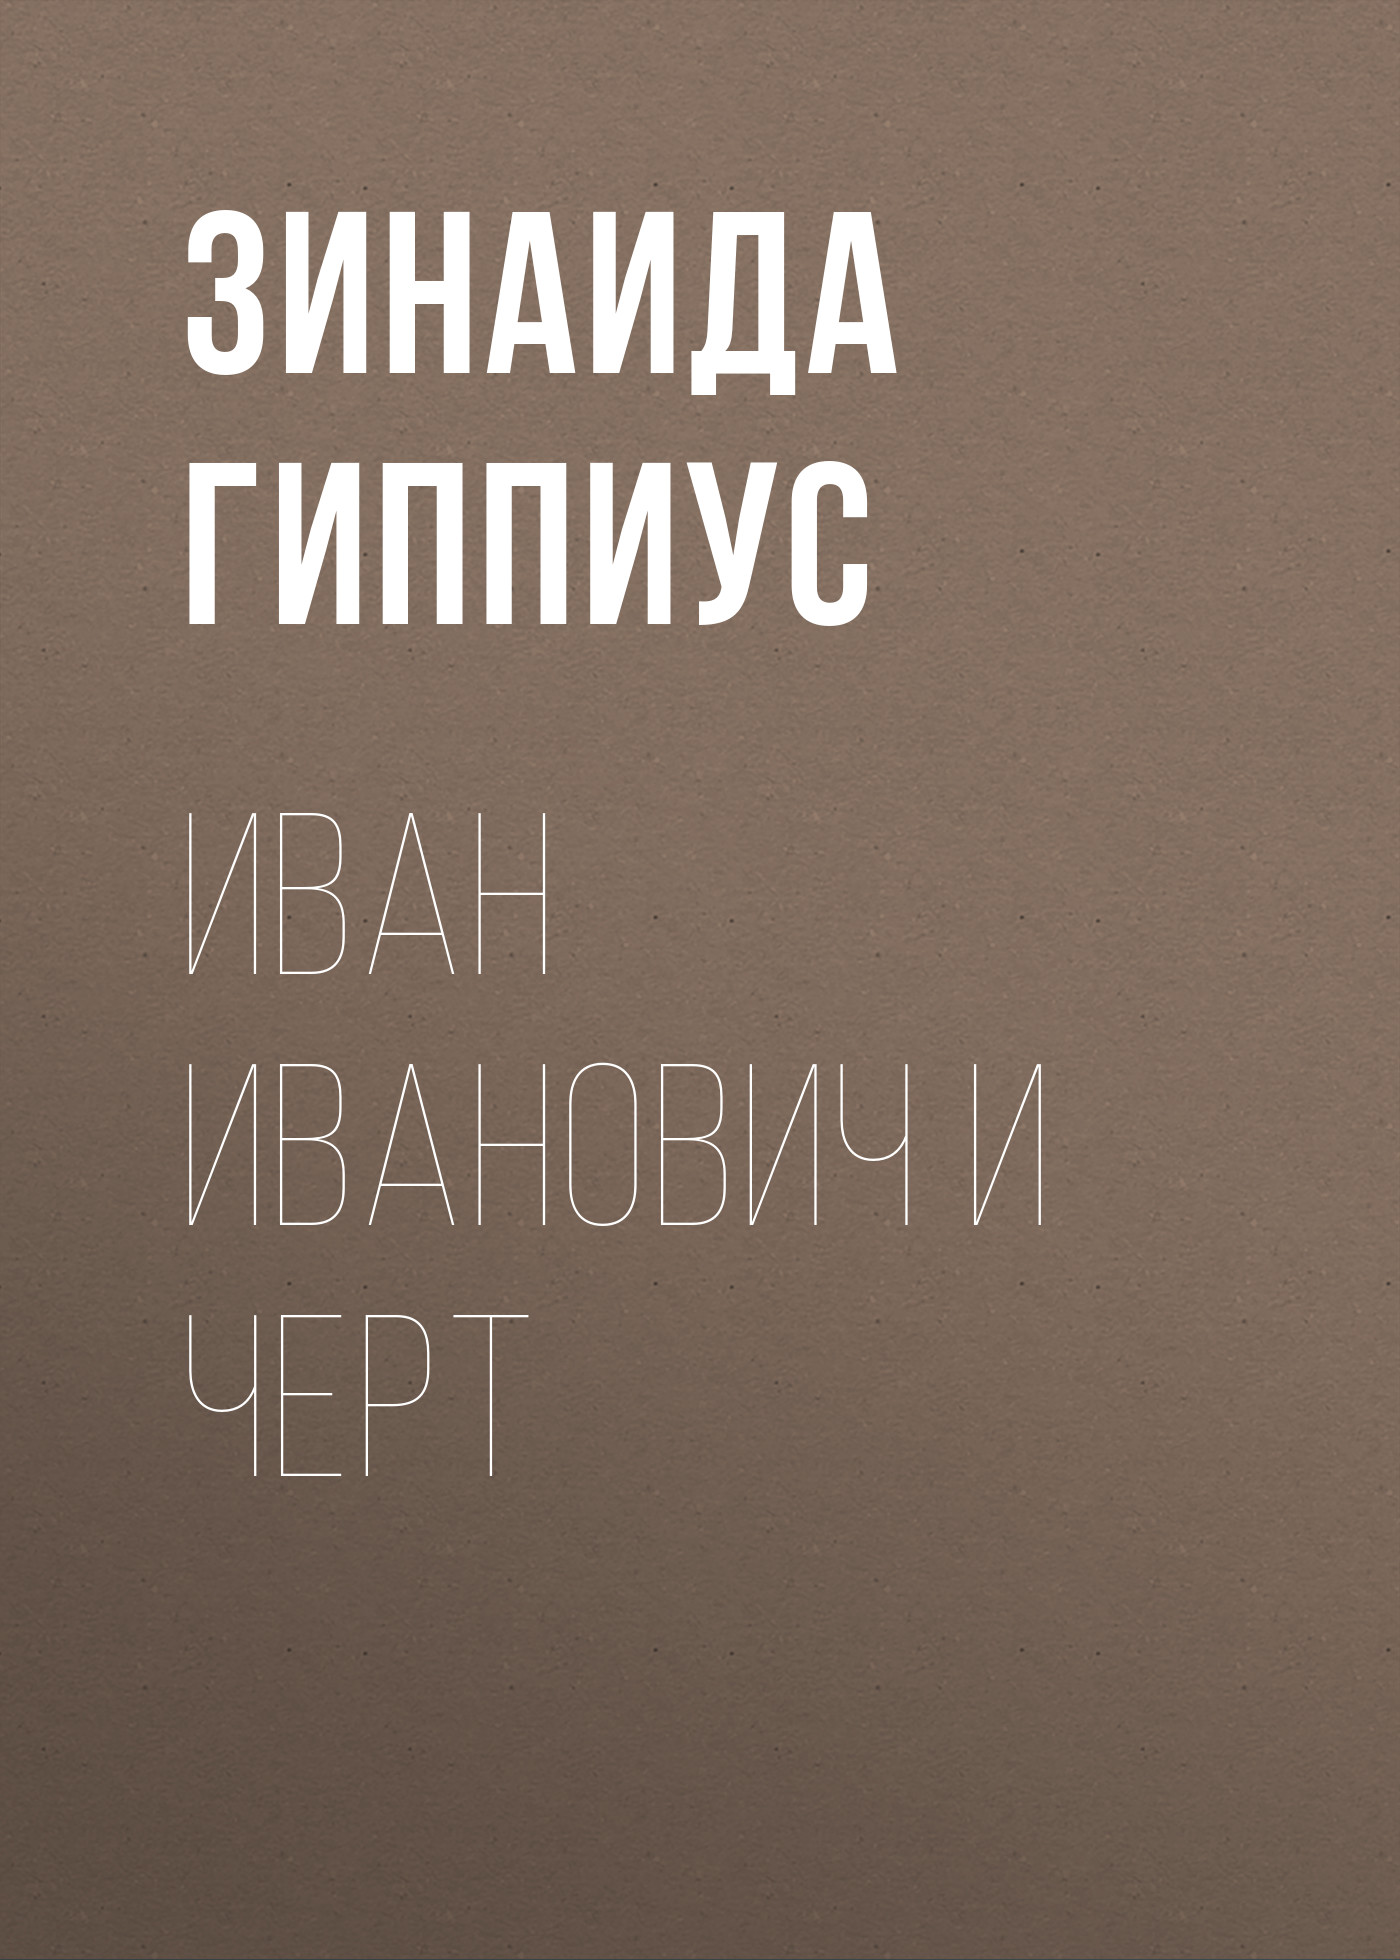 Зинаида Гиппиус Иван Иванович и черт зинаида гиппиус иван иванович и черт